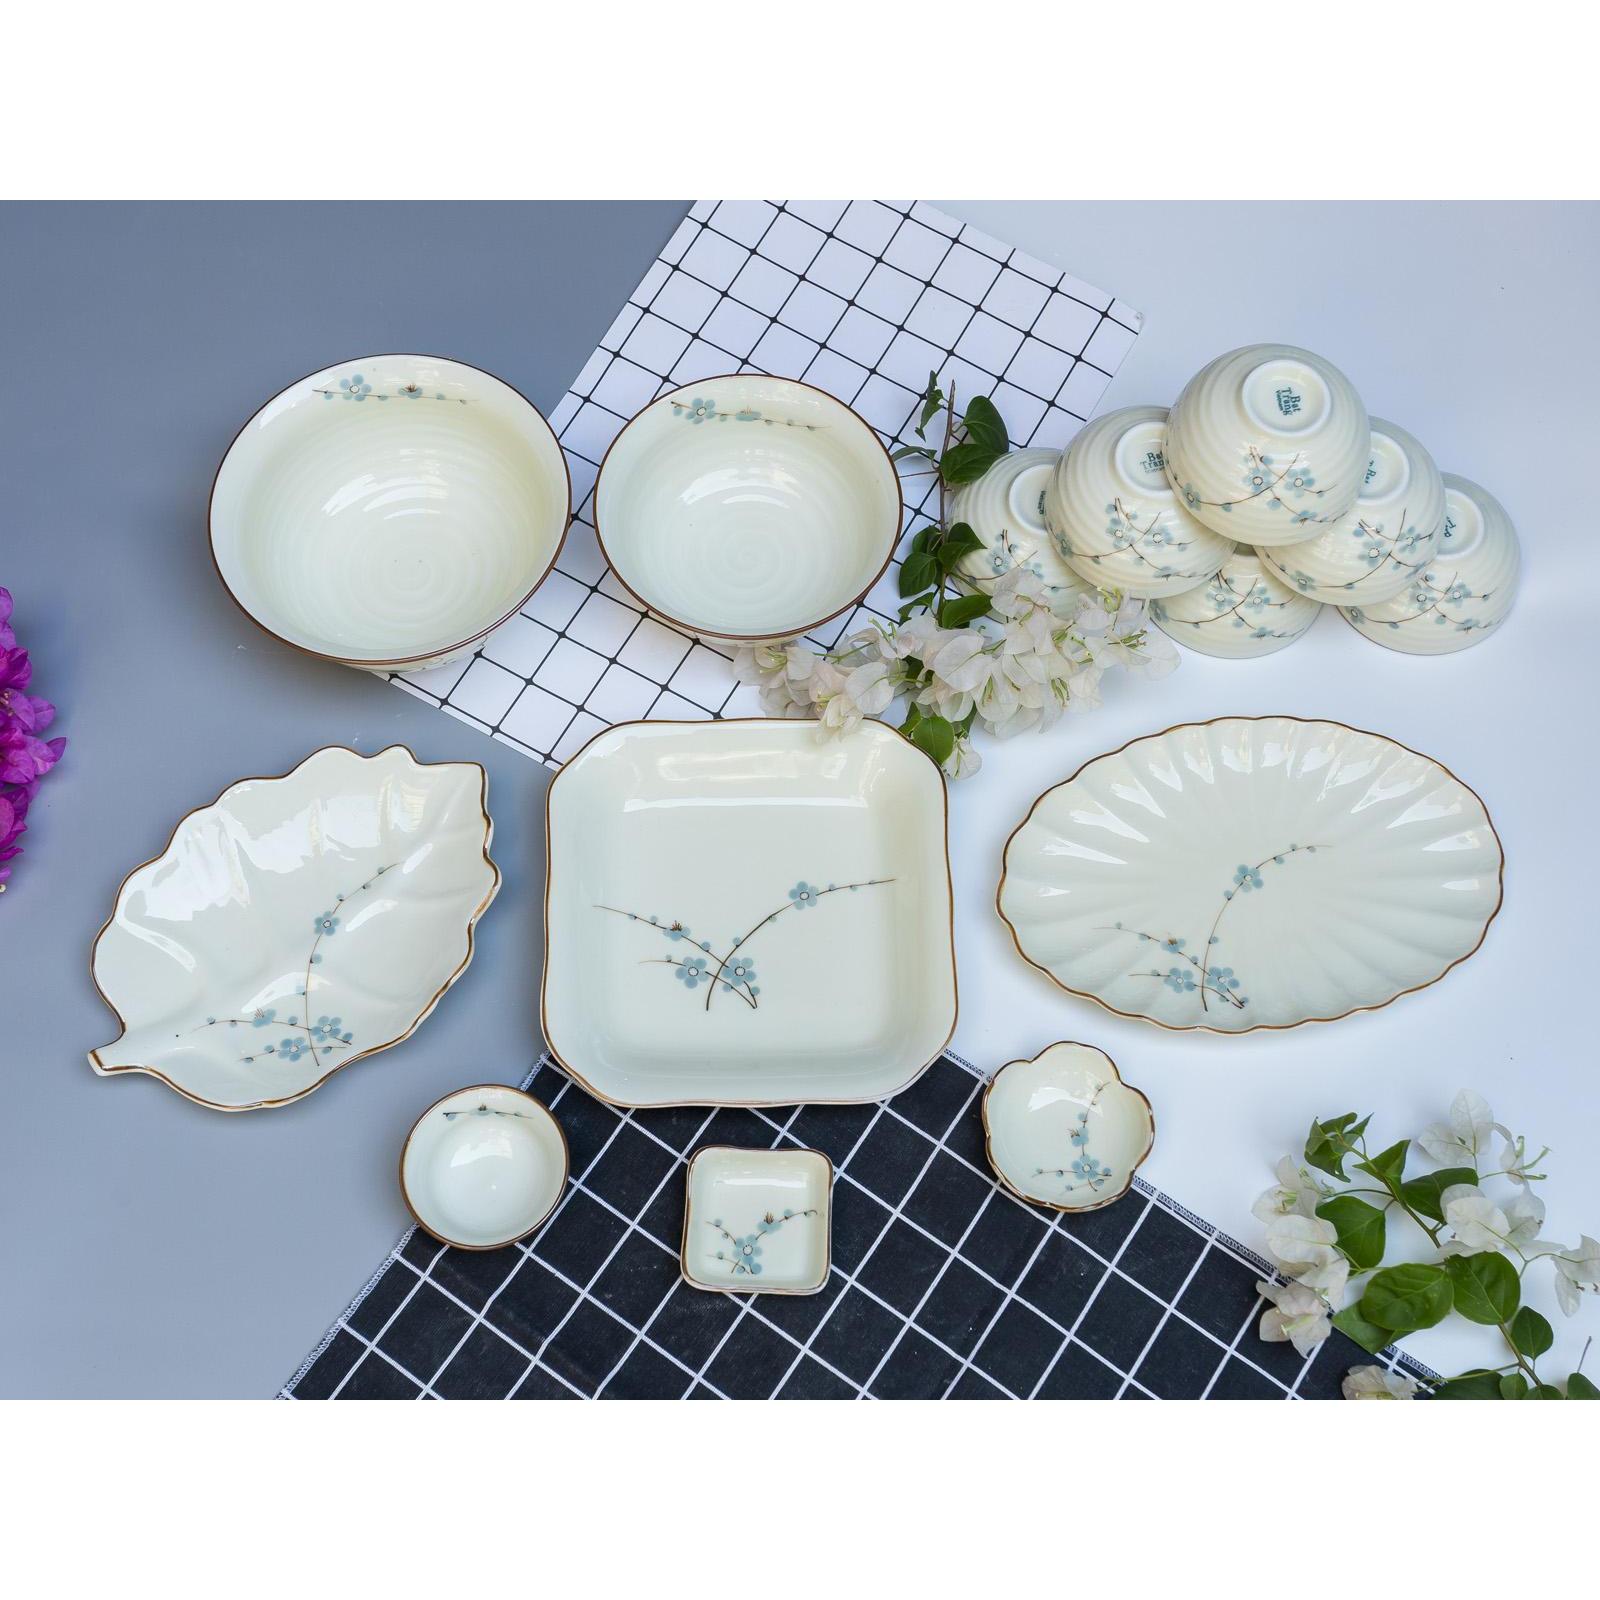 Bộ sản phẩm đồ ăn vẽ hoa sen gốm sứ Bát Tràng( 14 món)